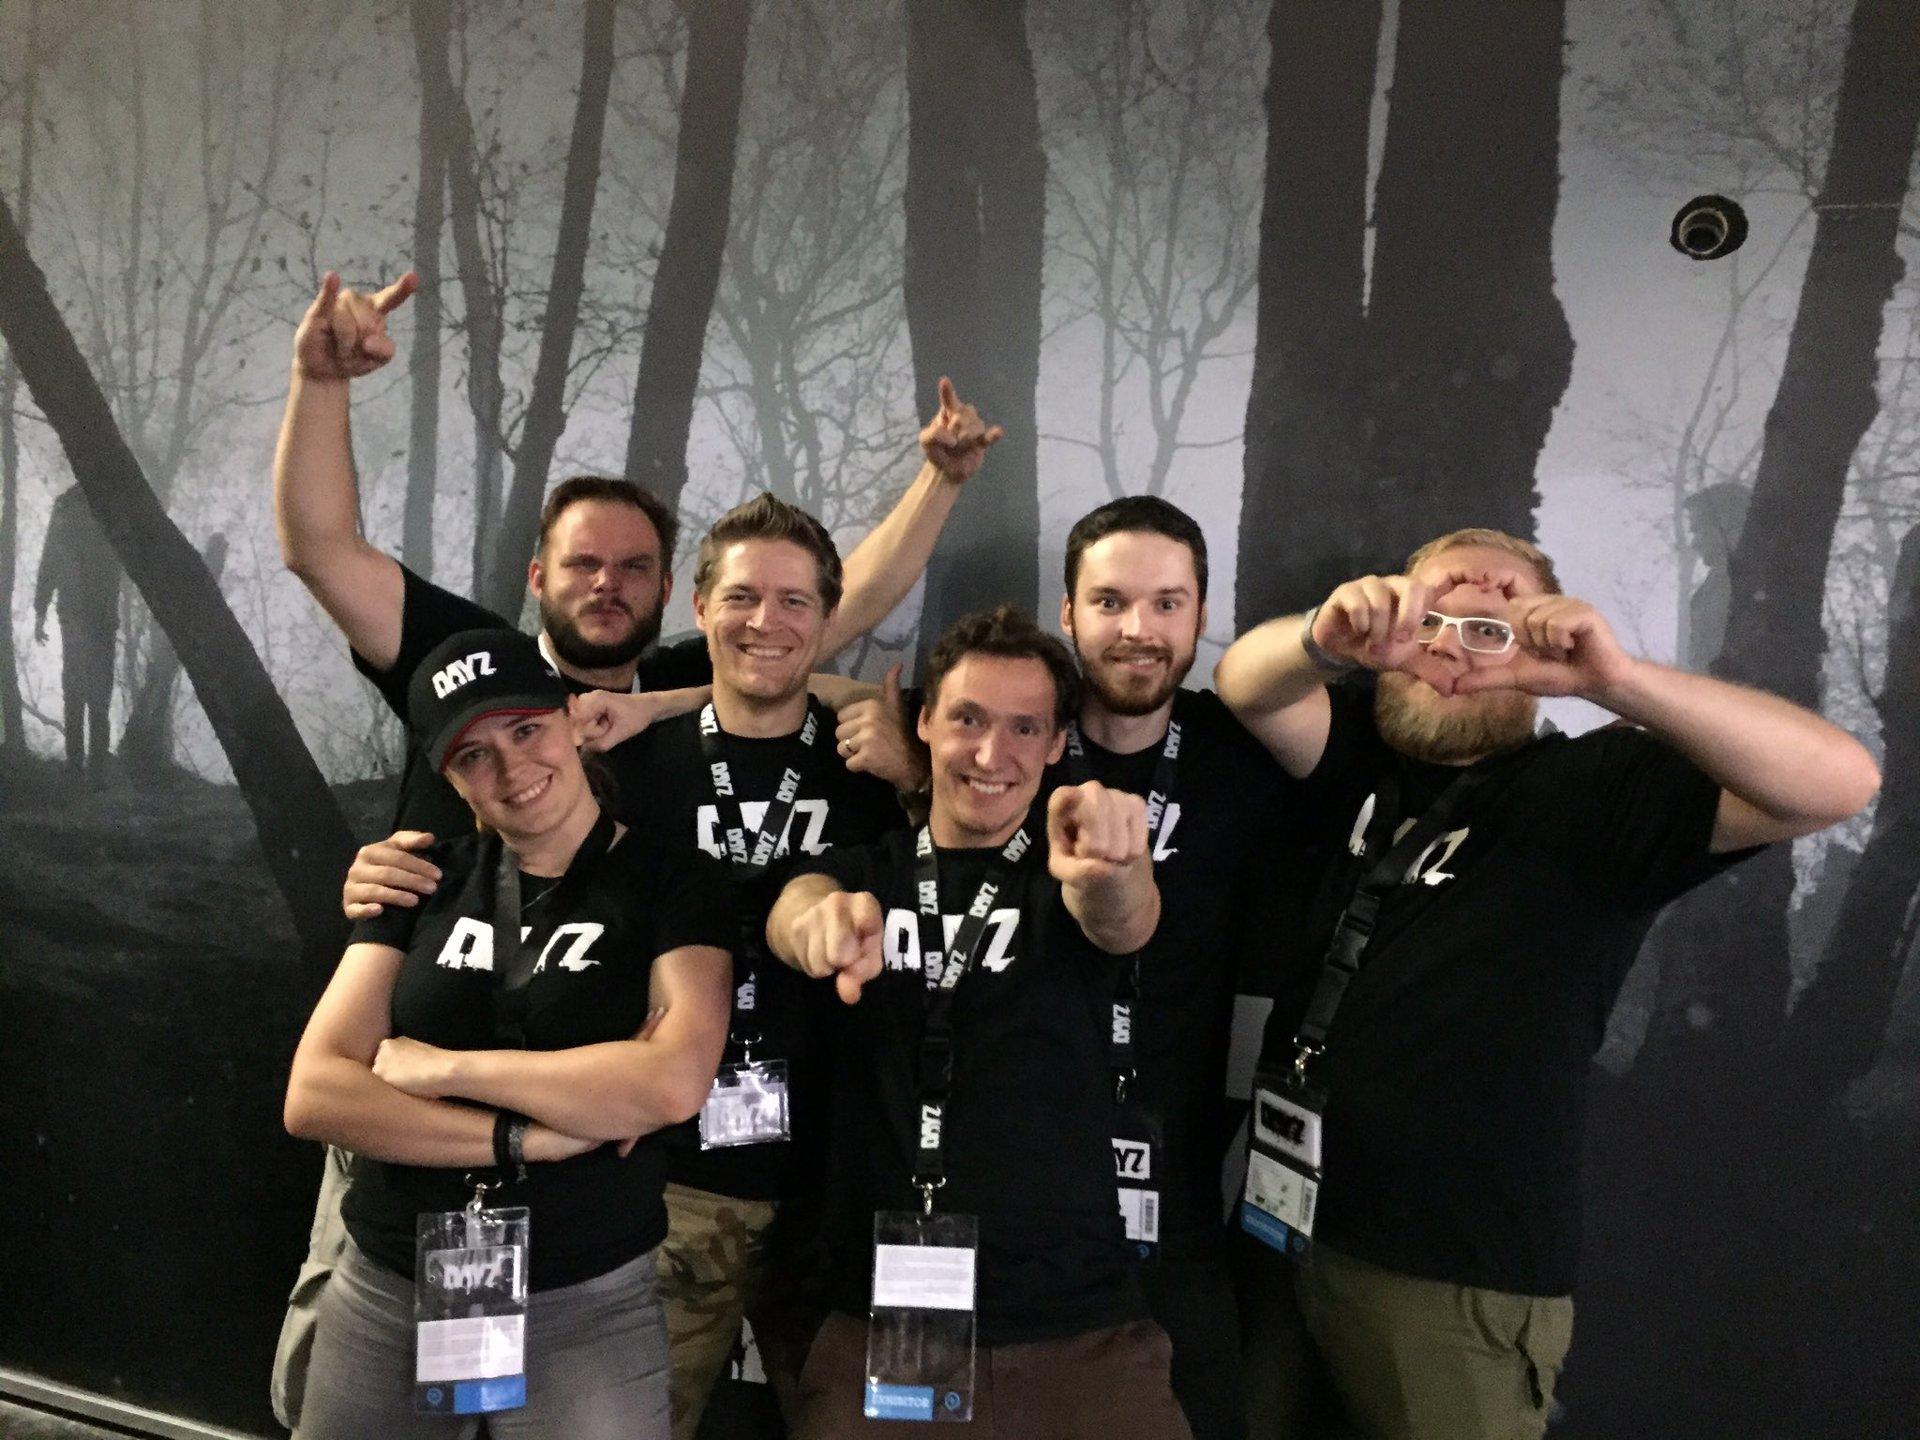 DayZ - Statusreport vom 29. August 2017 - Gamescom Recap